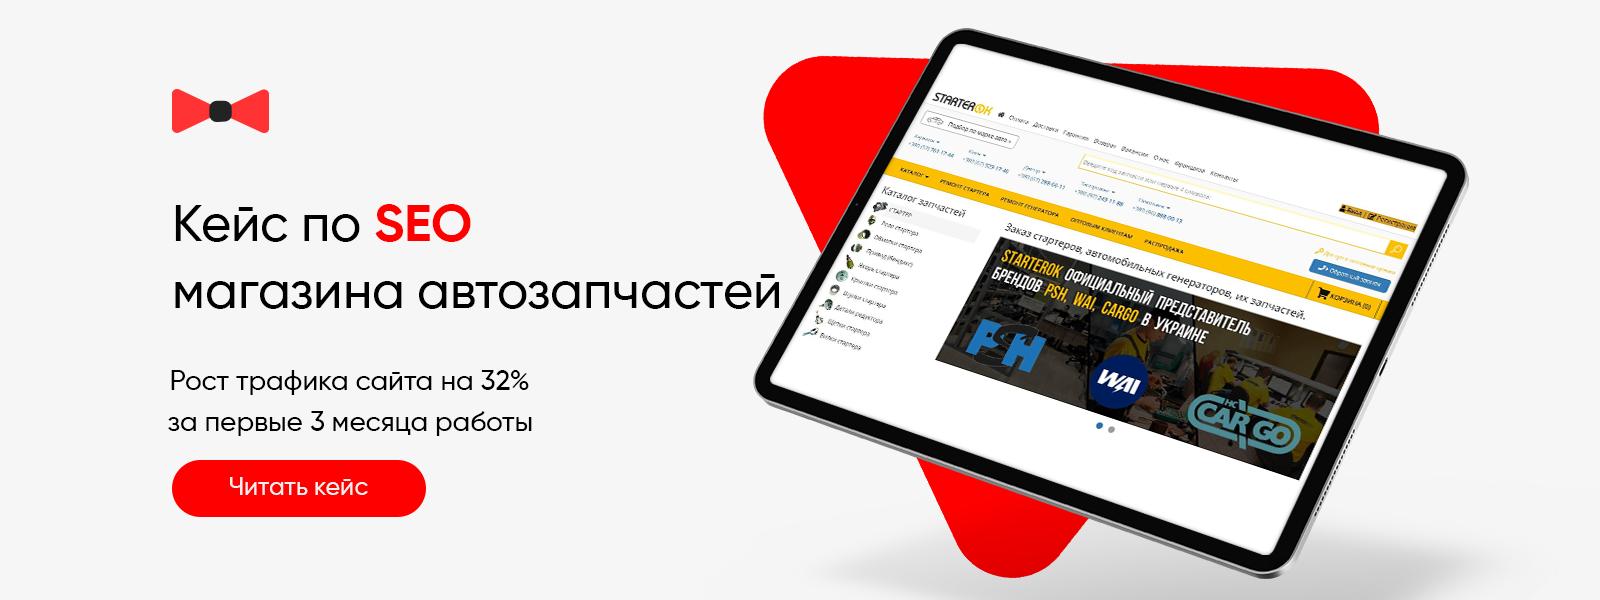 SEO-Кейс по продвижению интернет-магазина автозапчастей